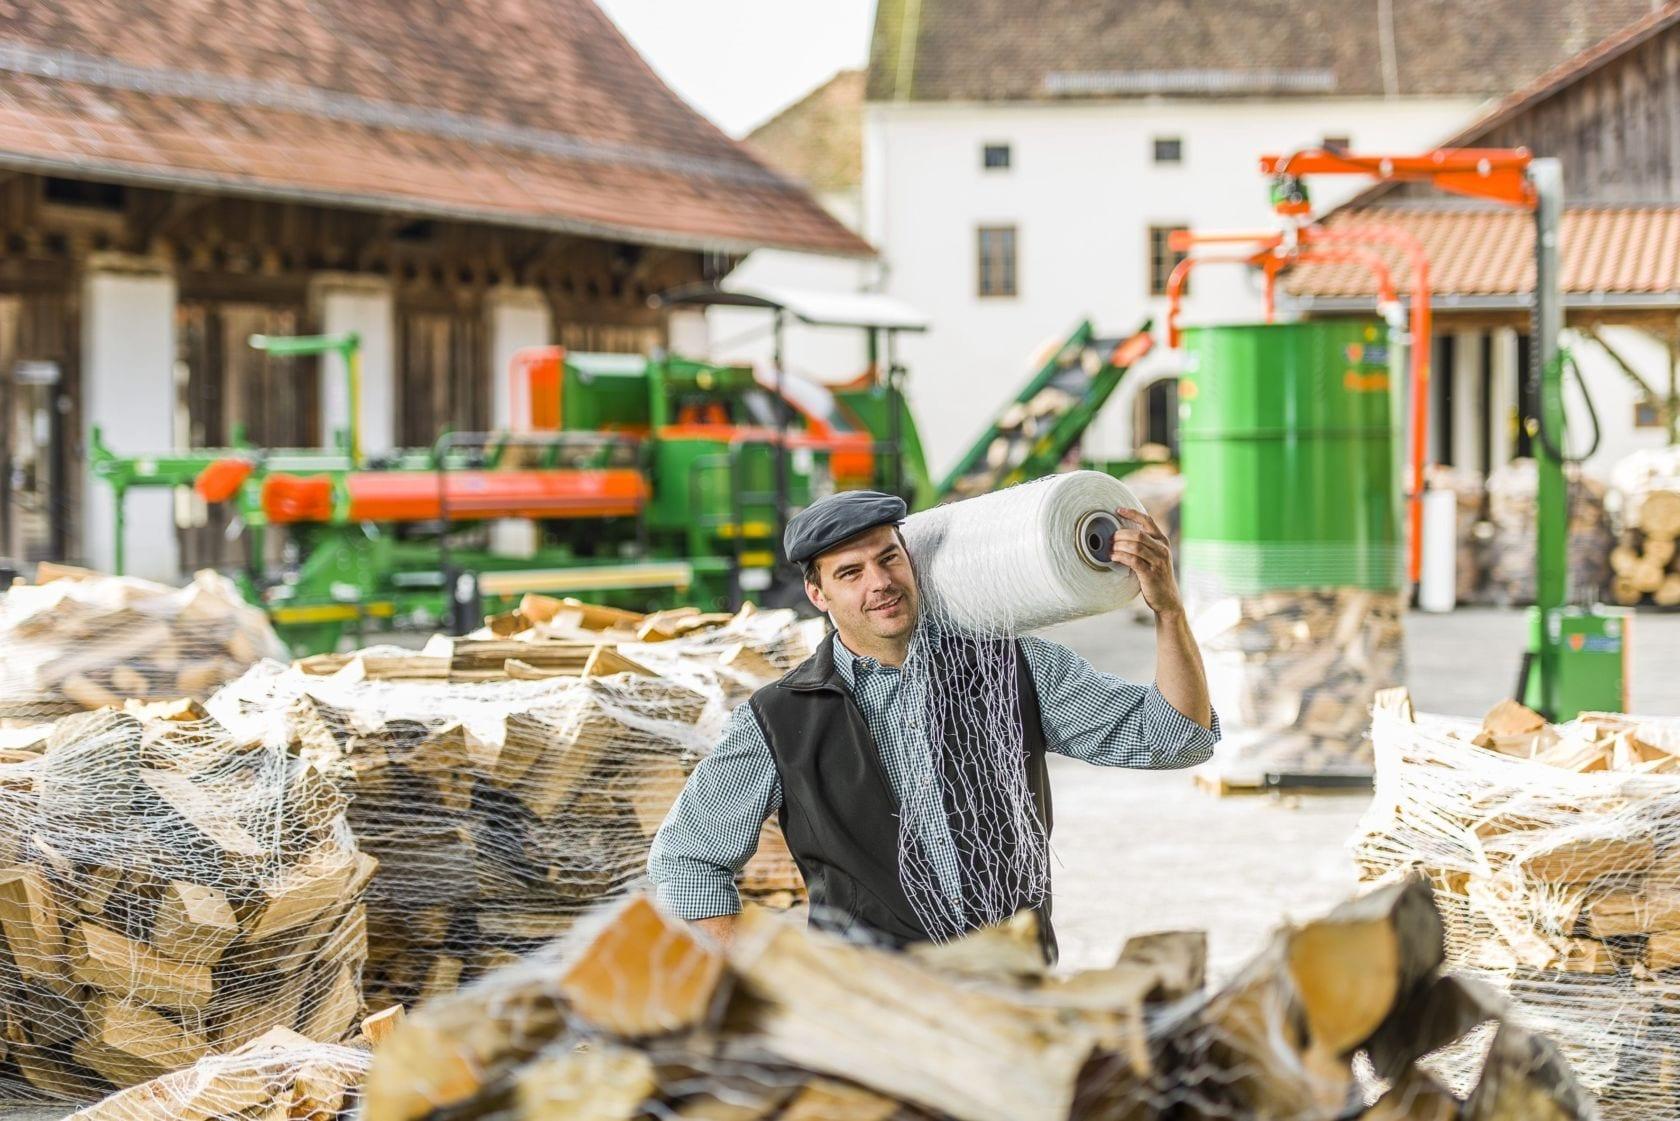 Brennholz-Förderband Brennholzverpackung Brennholz-Reinigung